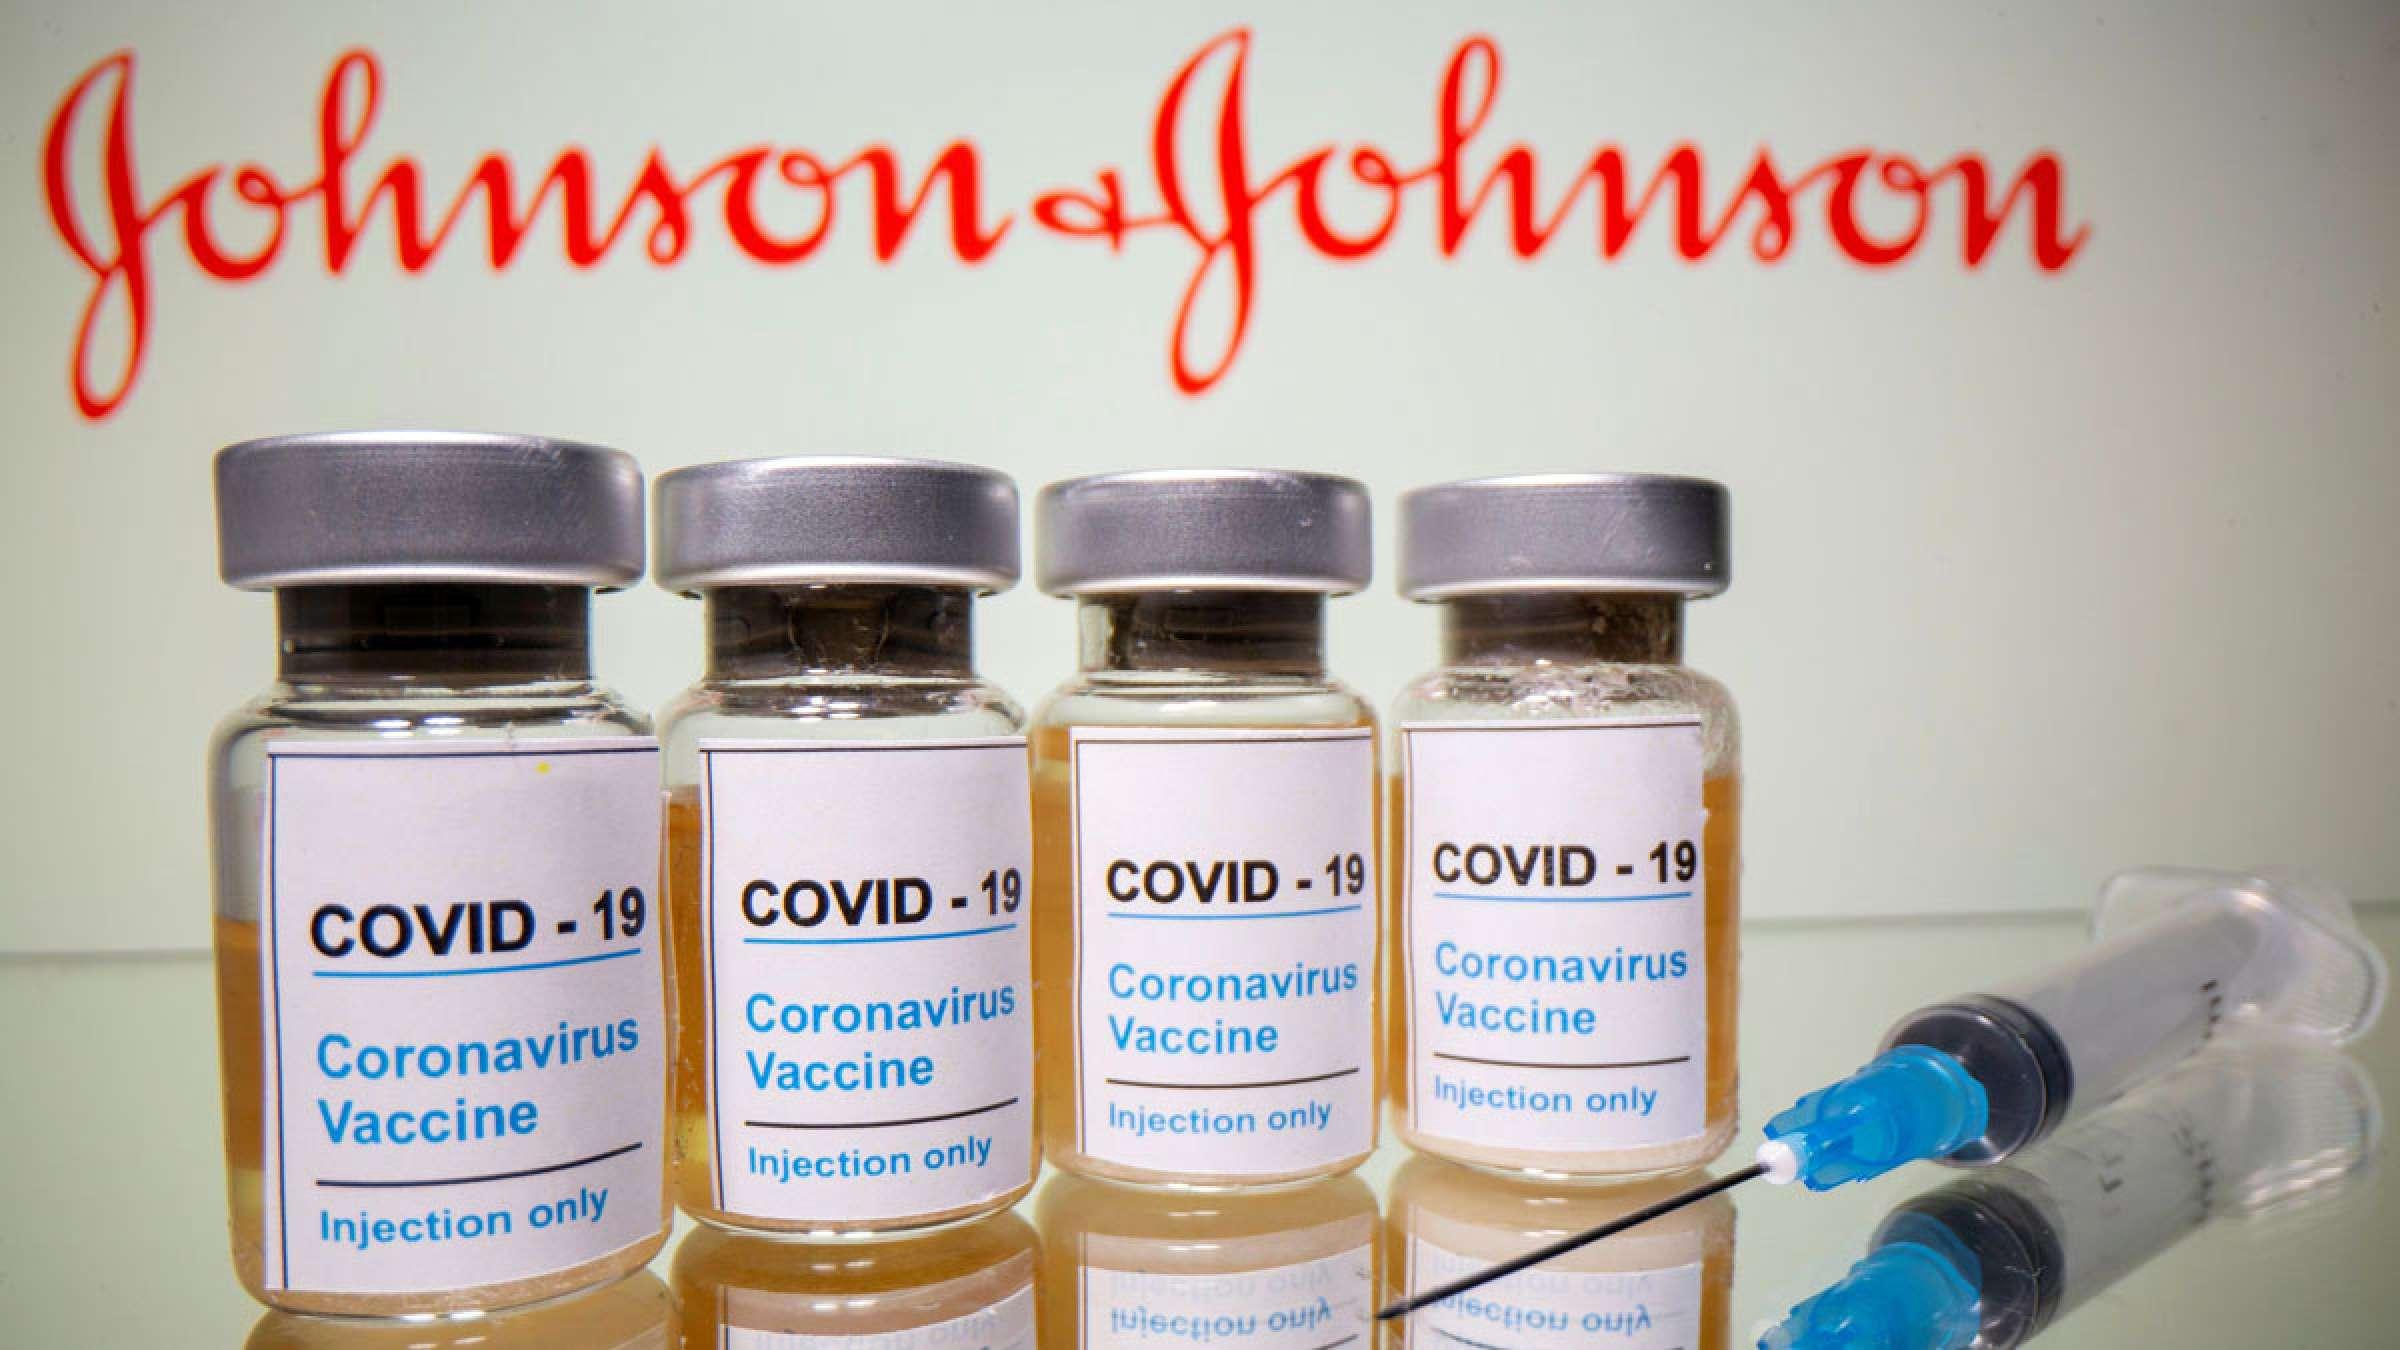 اخبار-کانادا-عوارض-جانبی-واکسن-کرونای-جانسون-و-جانسون-شاید-زدن-آنرا-متوقف-کند